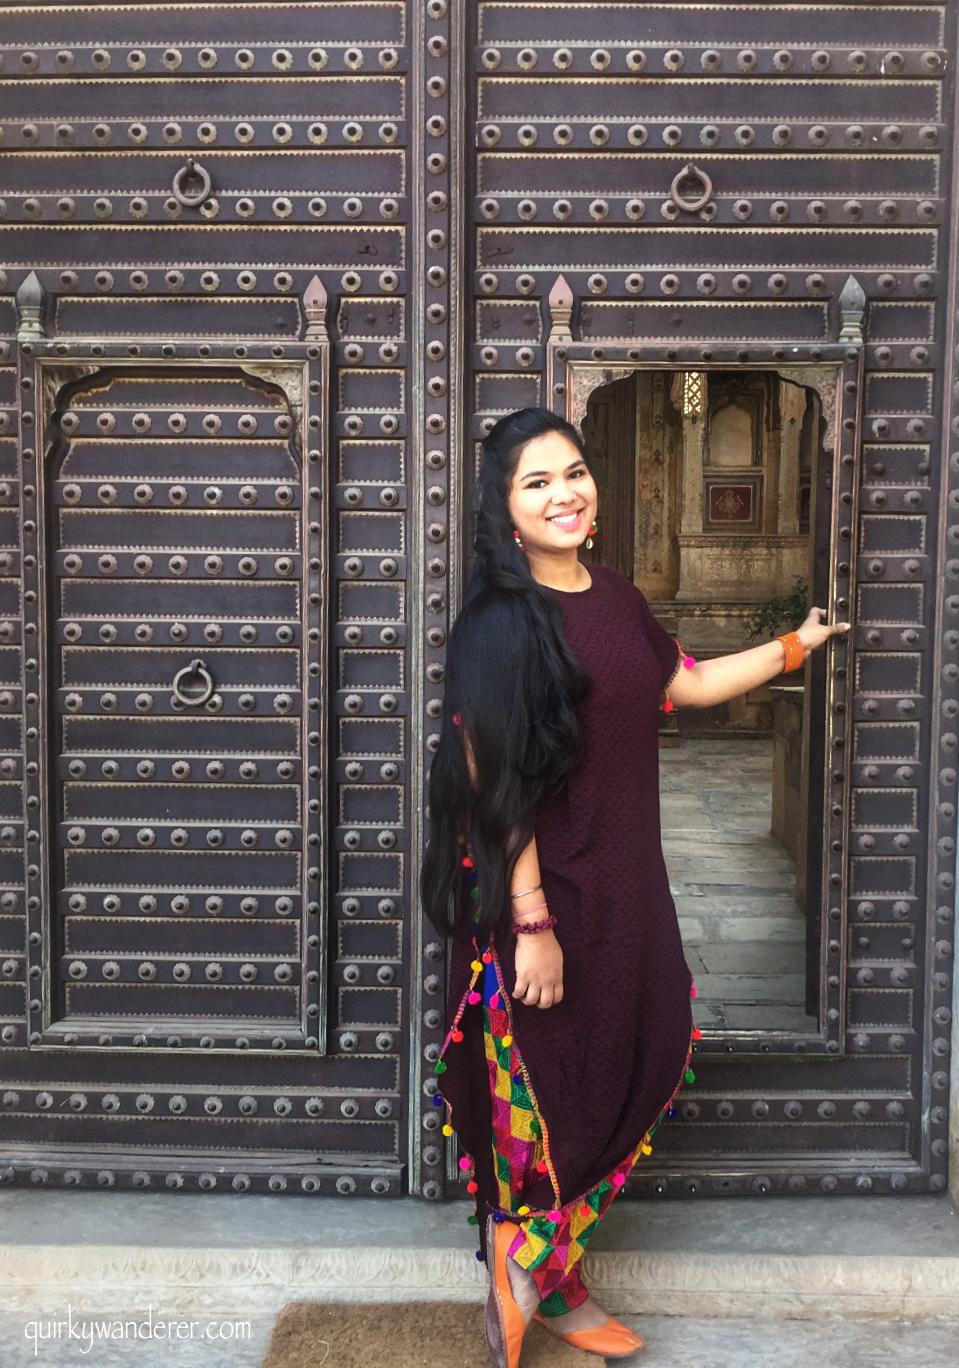 Shekhawati havelis Rajasthan